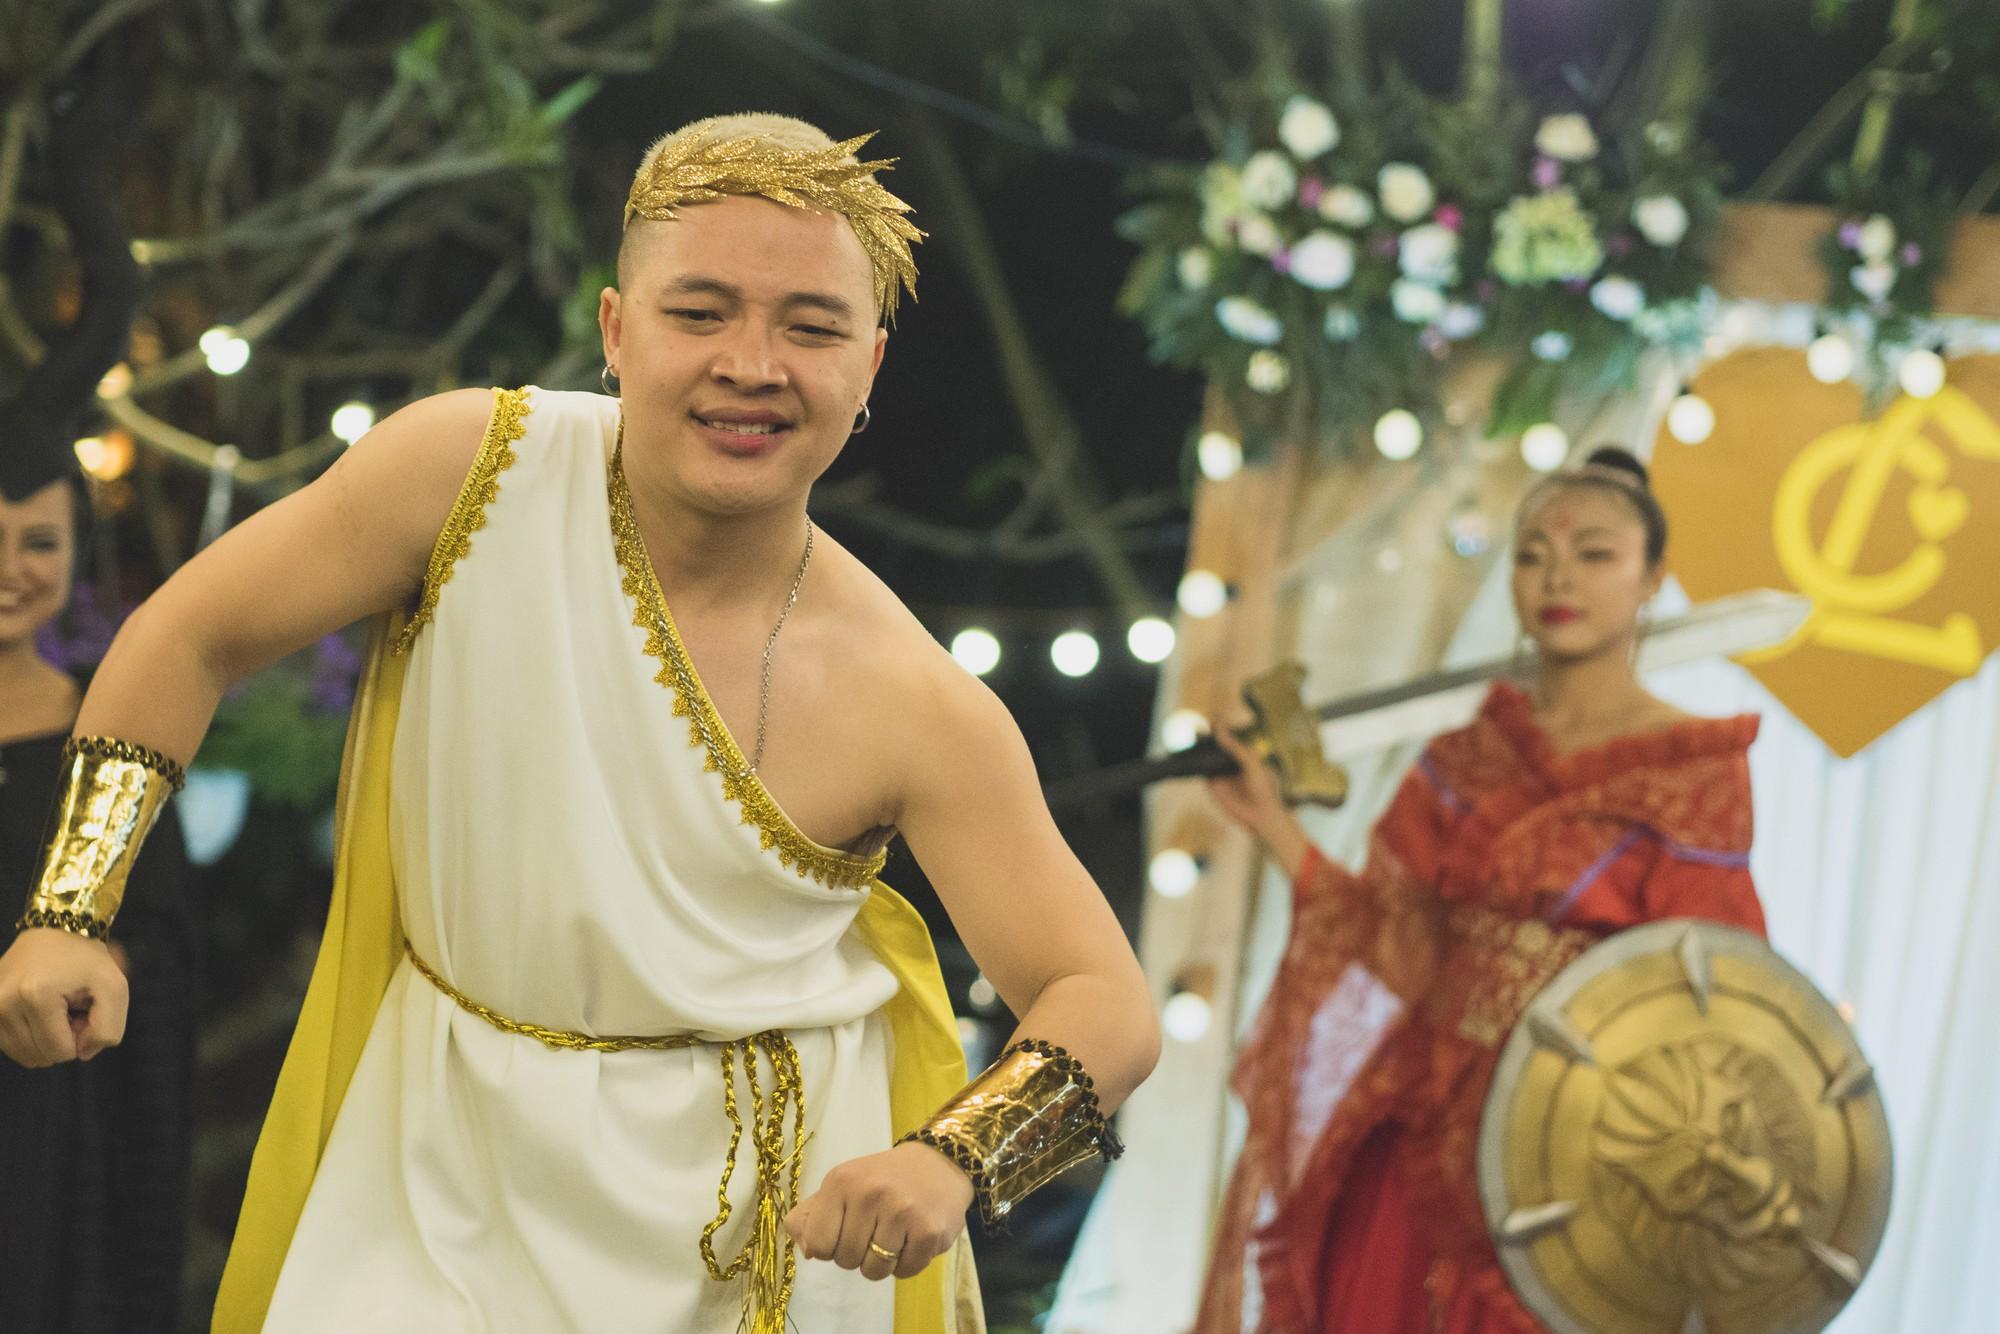 Đám cưới phong cách lẩu thập cẩm: Cô dâu hóa Võ Tắc Thiên, chú rể cosplay thần Hy Lạp - Ảnh 5.